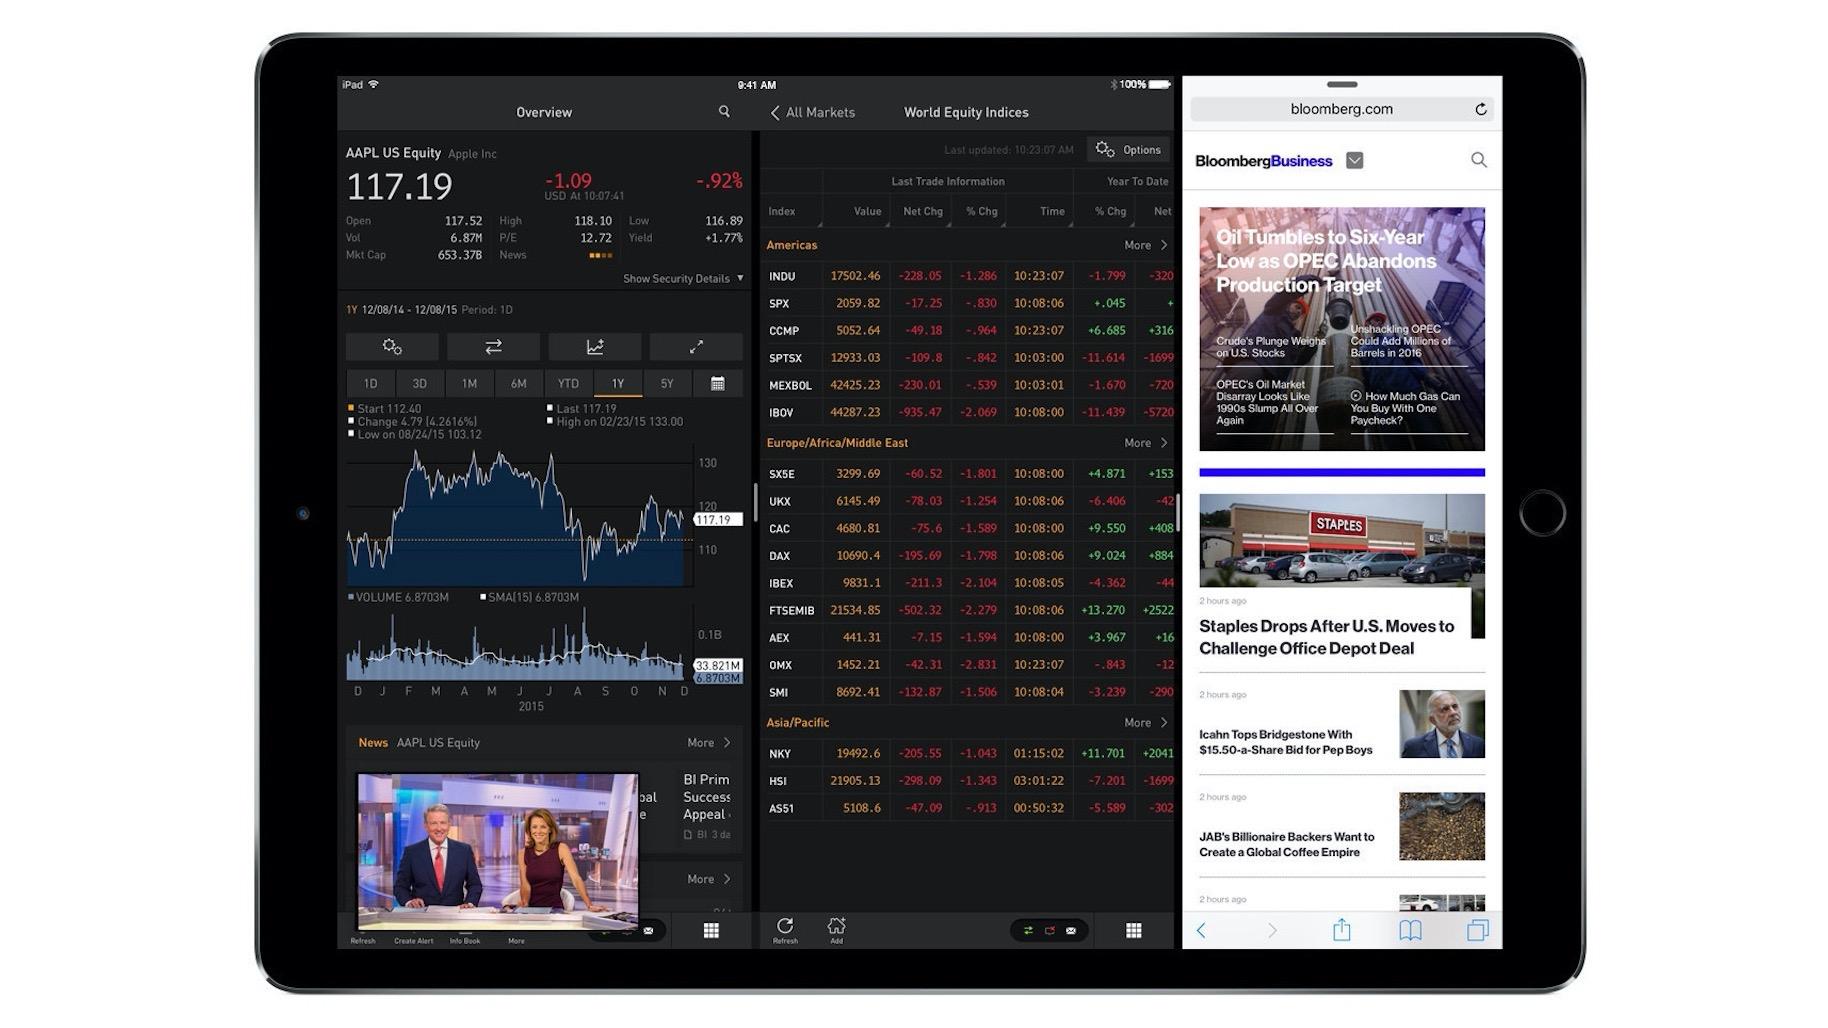 Bloomberg Pro